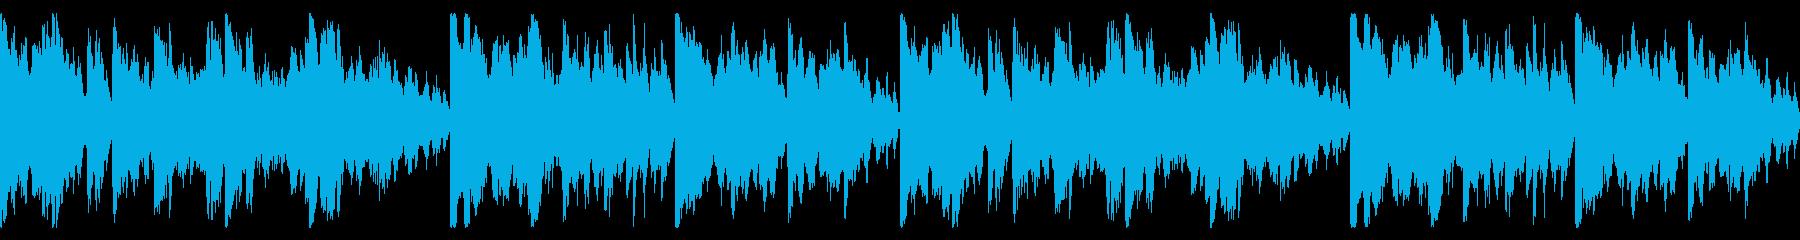 【ループ】ニュース・企業VP・商品説明の再生済みの波形